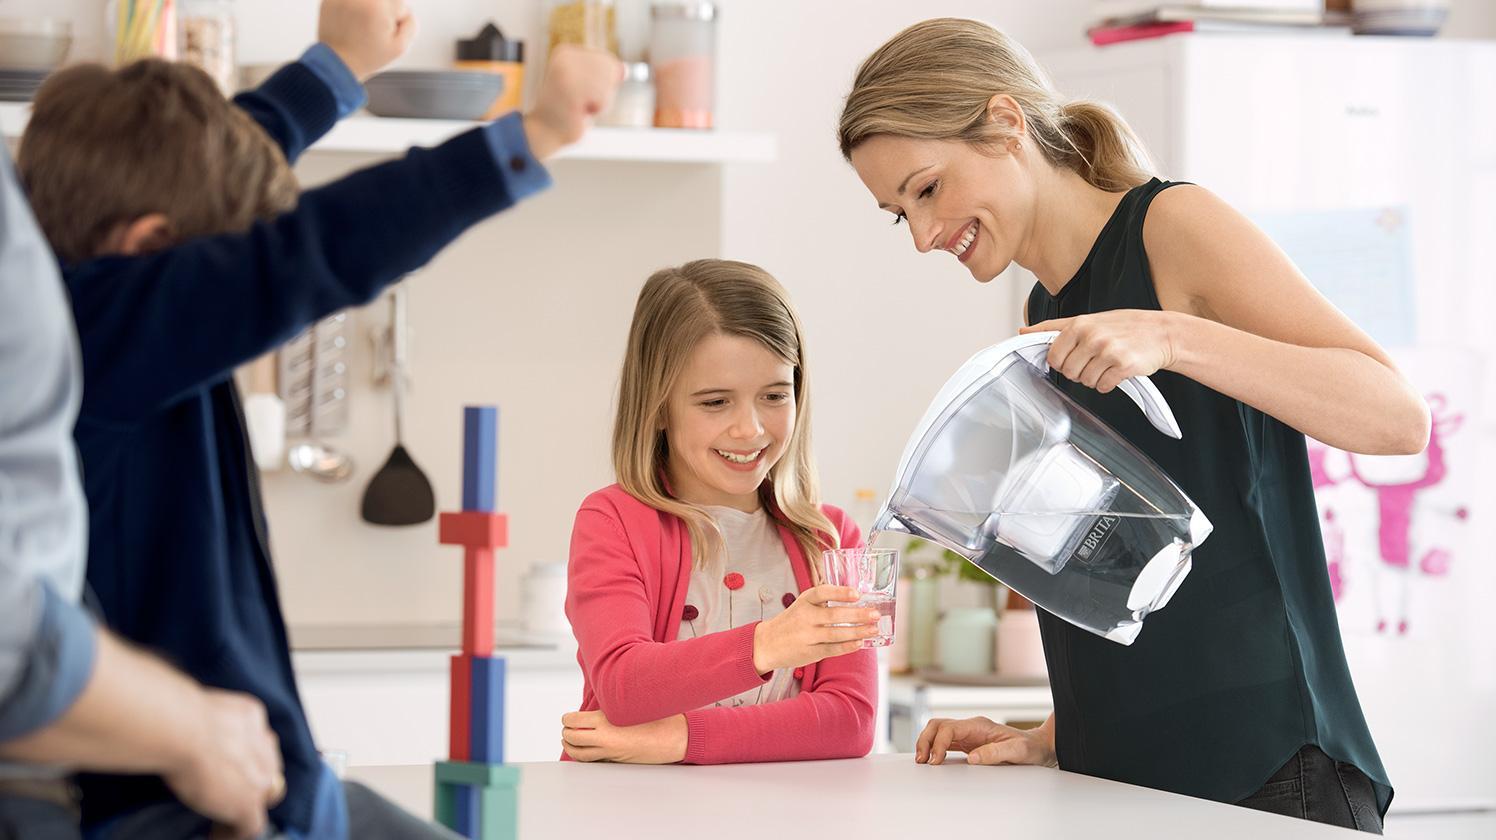 BRITA persönlicher Wasserbedarf Familie in Küche